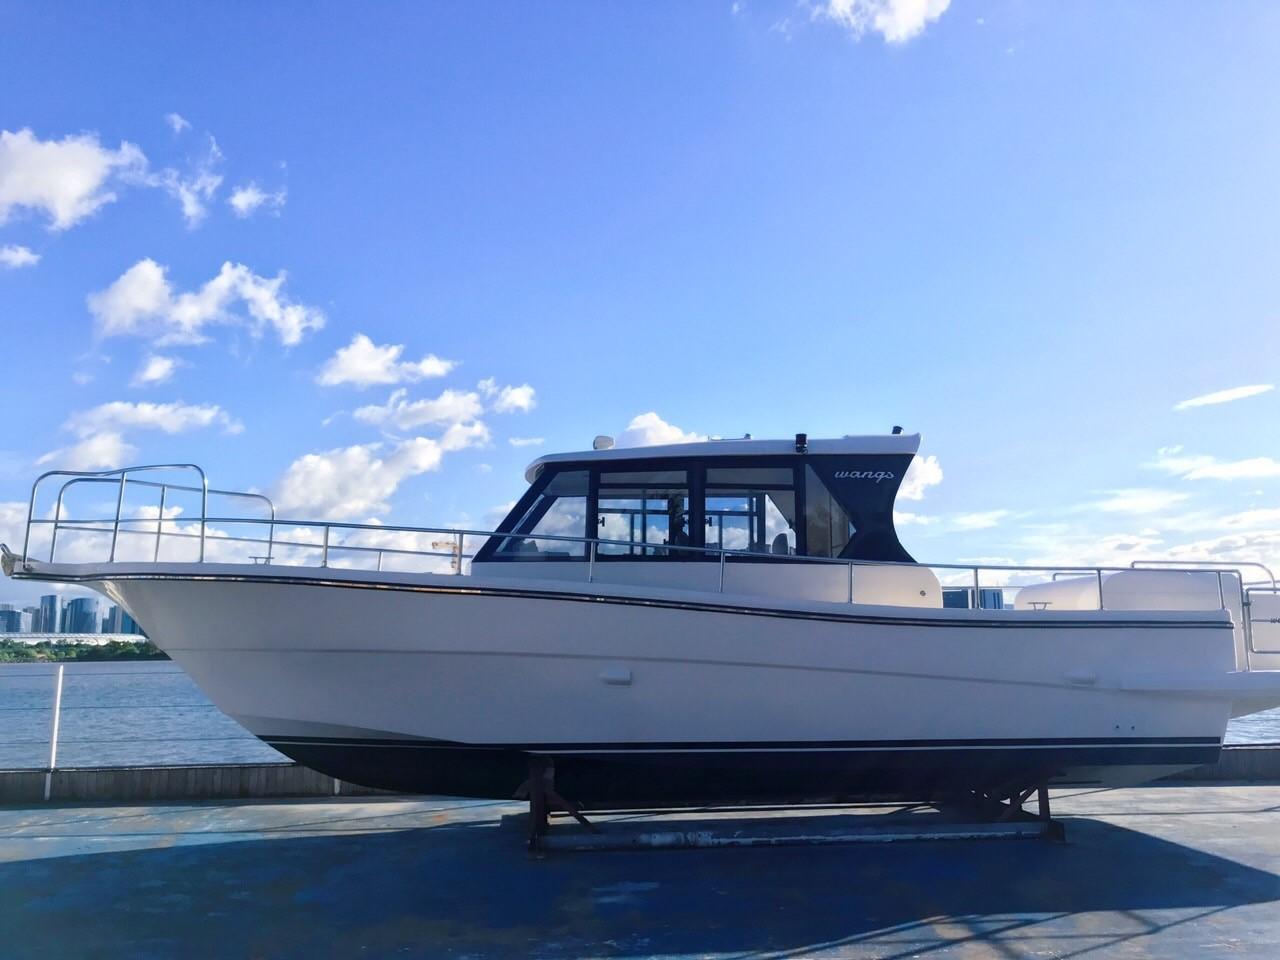 39呎游钓艇,SUZUKI\ 175HP 双机\四冲\液压方向,可选 IMG_0901.JPG